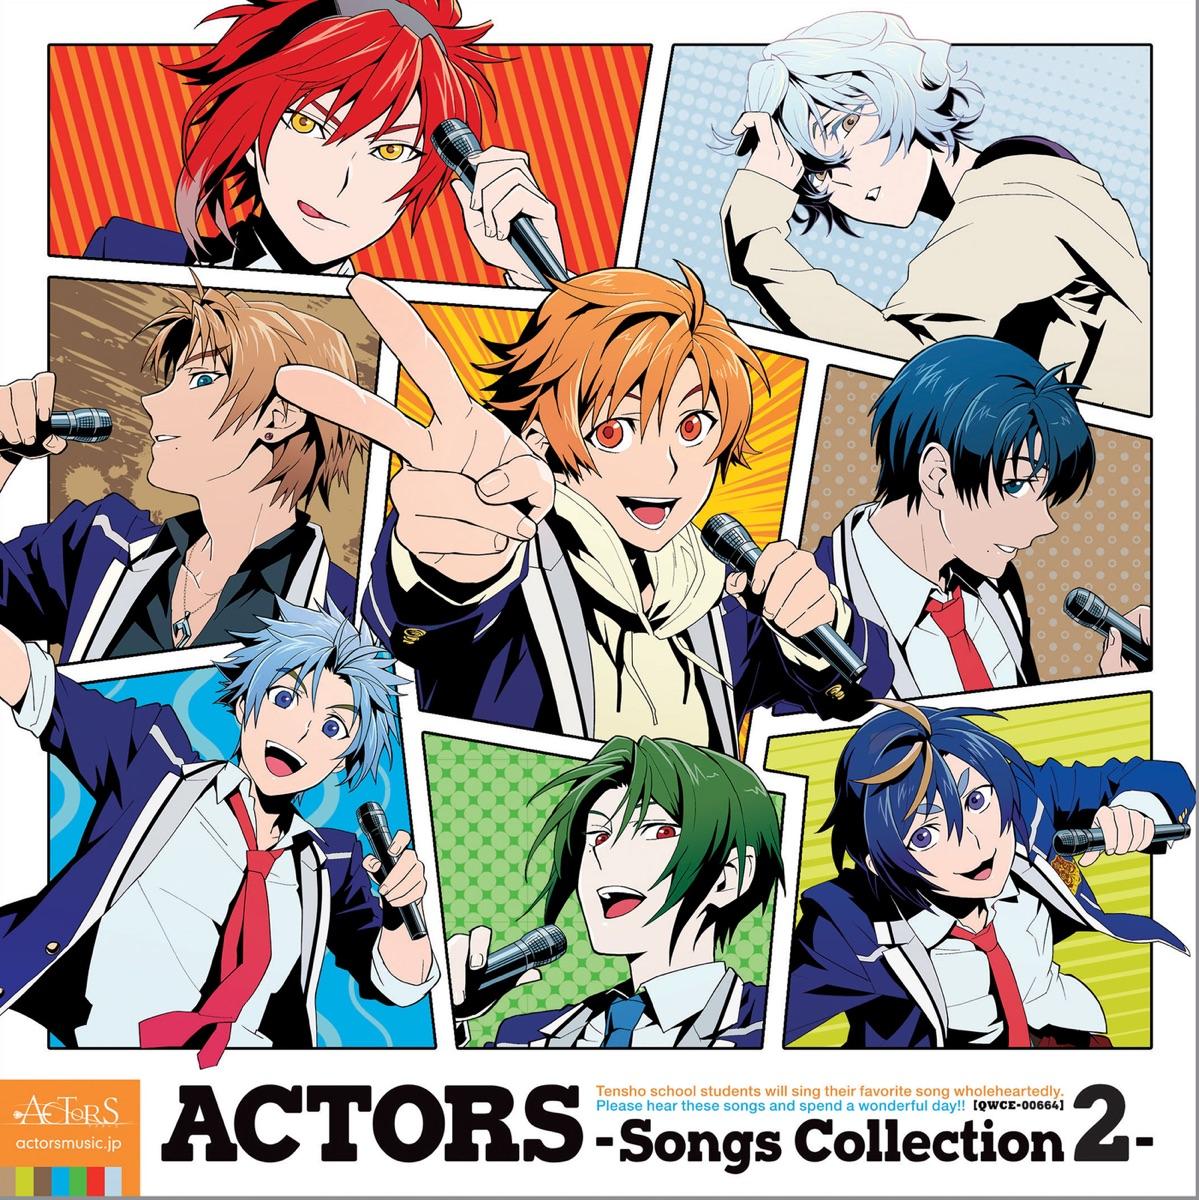 『二条佐斗流(ランズベリー・アーサー) - 東京テディベア』収録の『ACTORS - Songs Collection 2 -』ジャケット